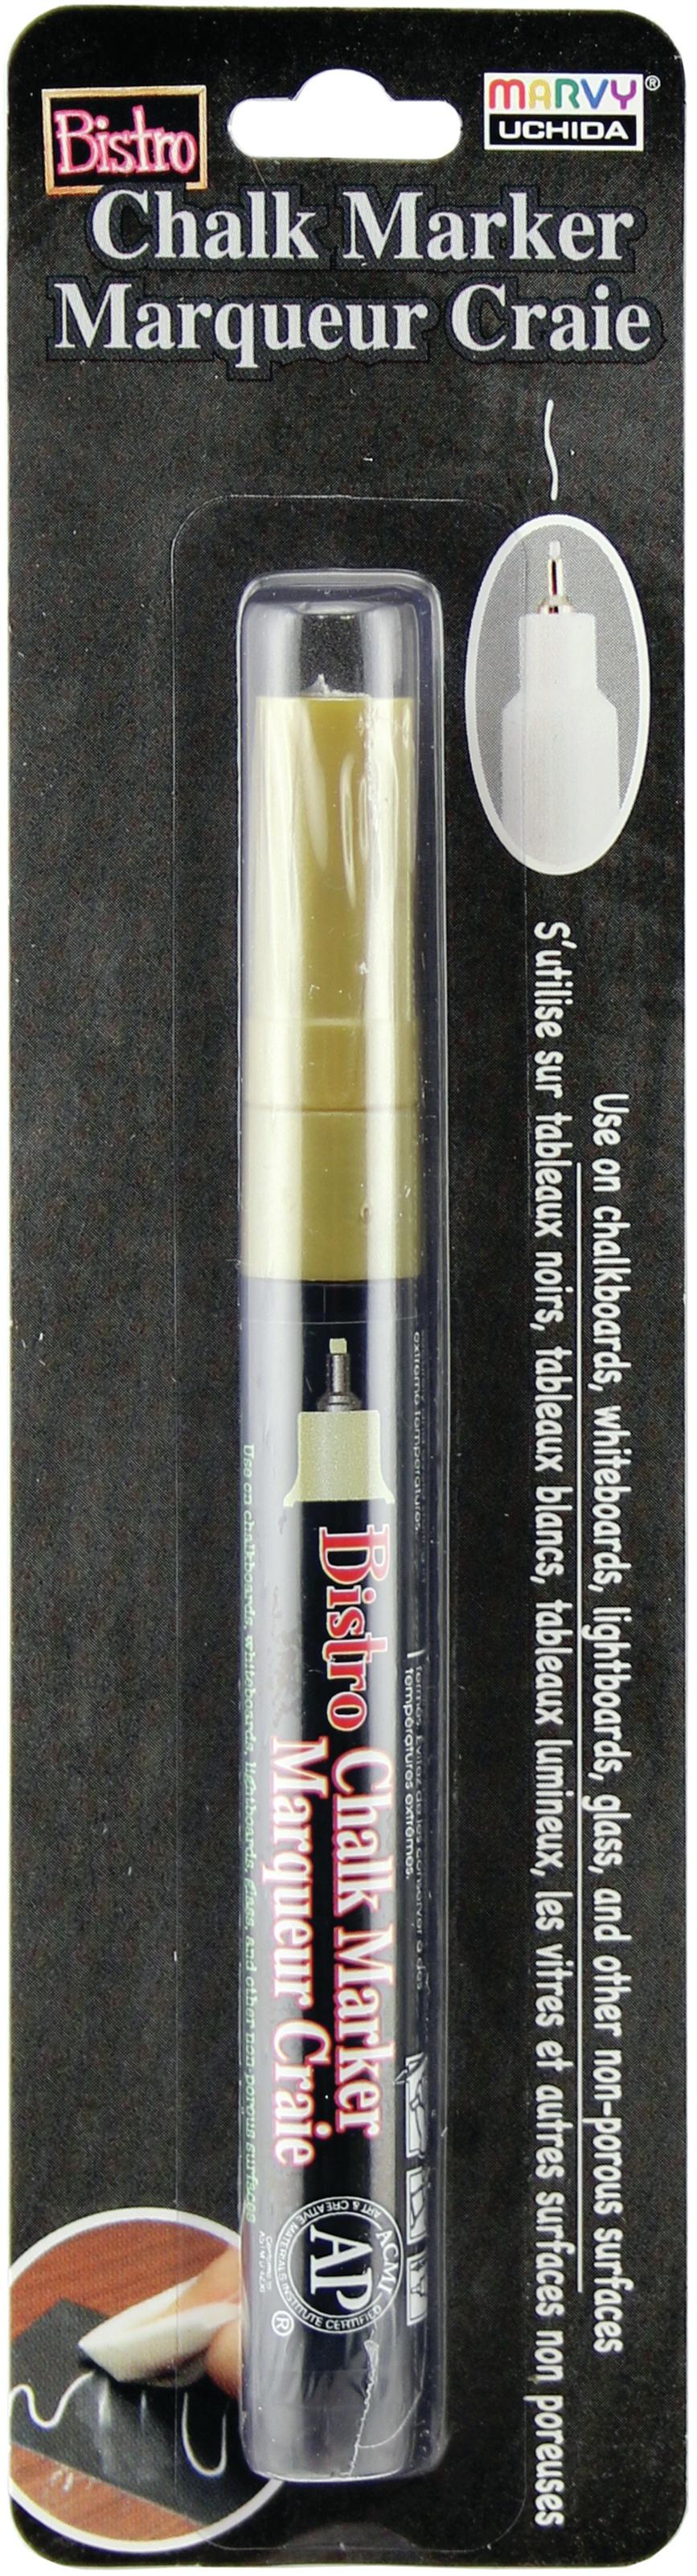 Bistro Chalk Marker Extra Fine Tip-Gold